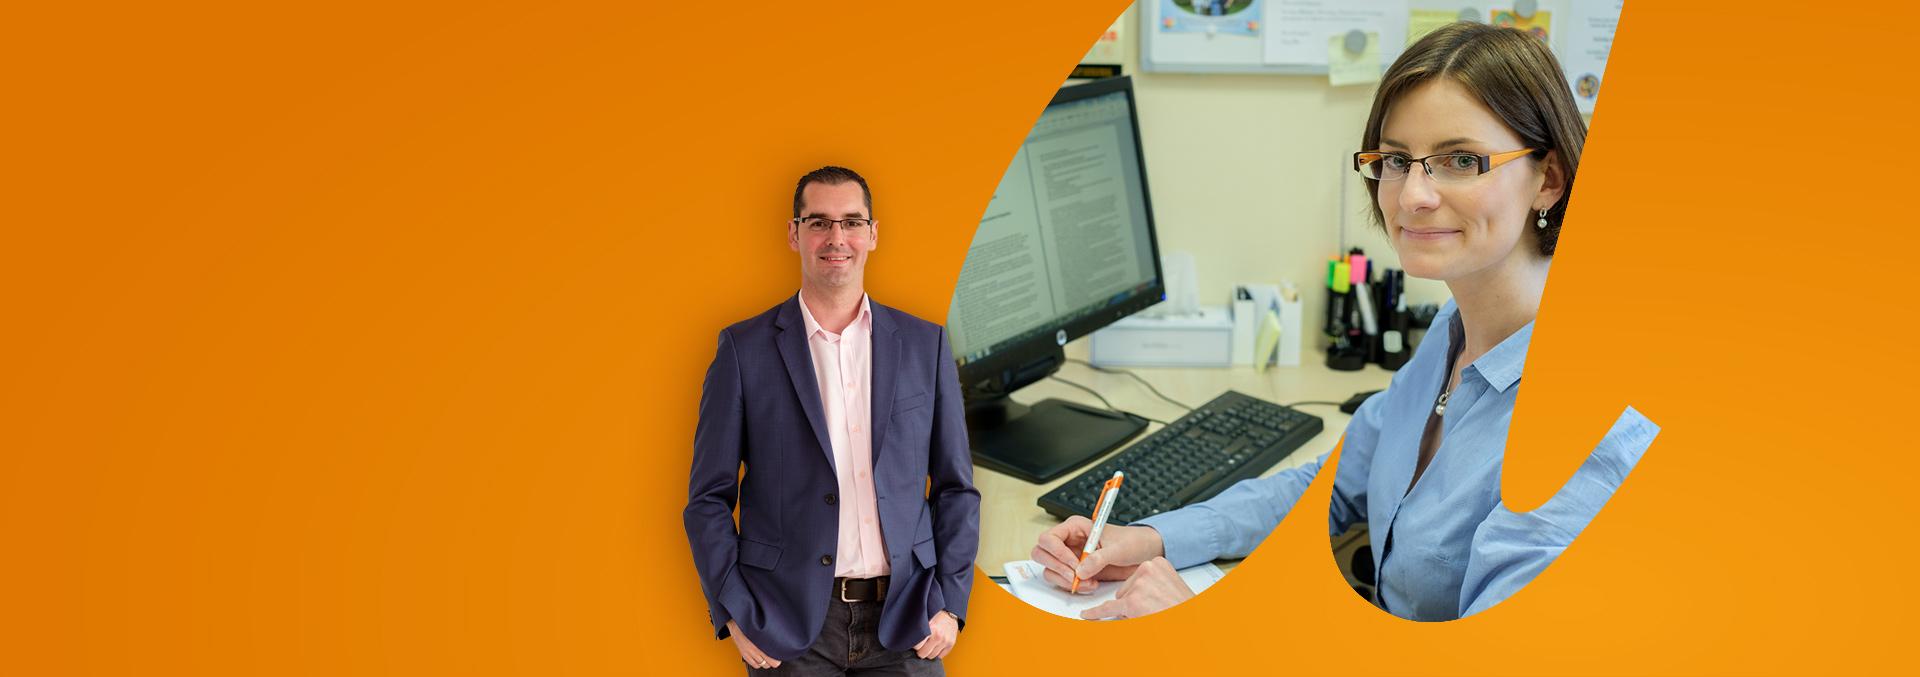 Studium BWL – Gesundheitsmanagement, eine Mitarbeiterin sitzt am PC und notiert etwas in einem Notizblock.